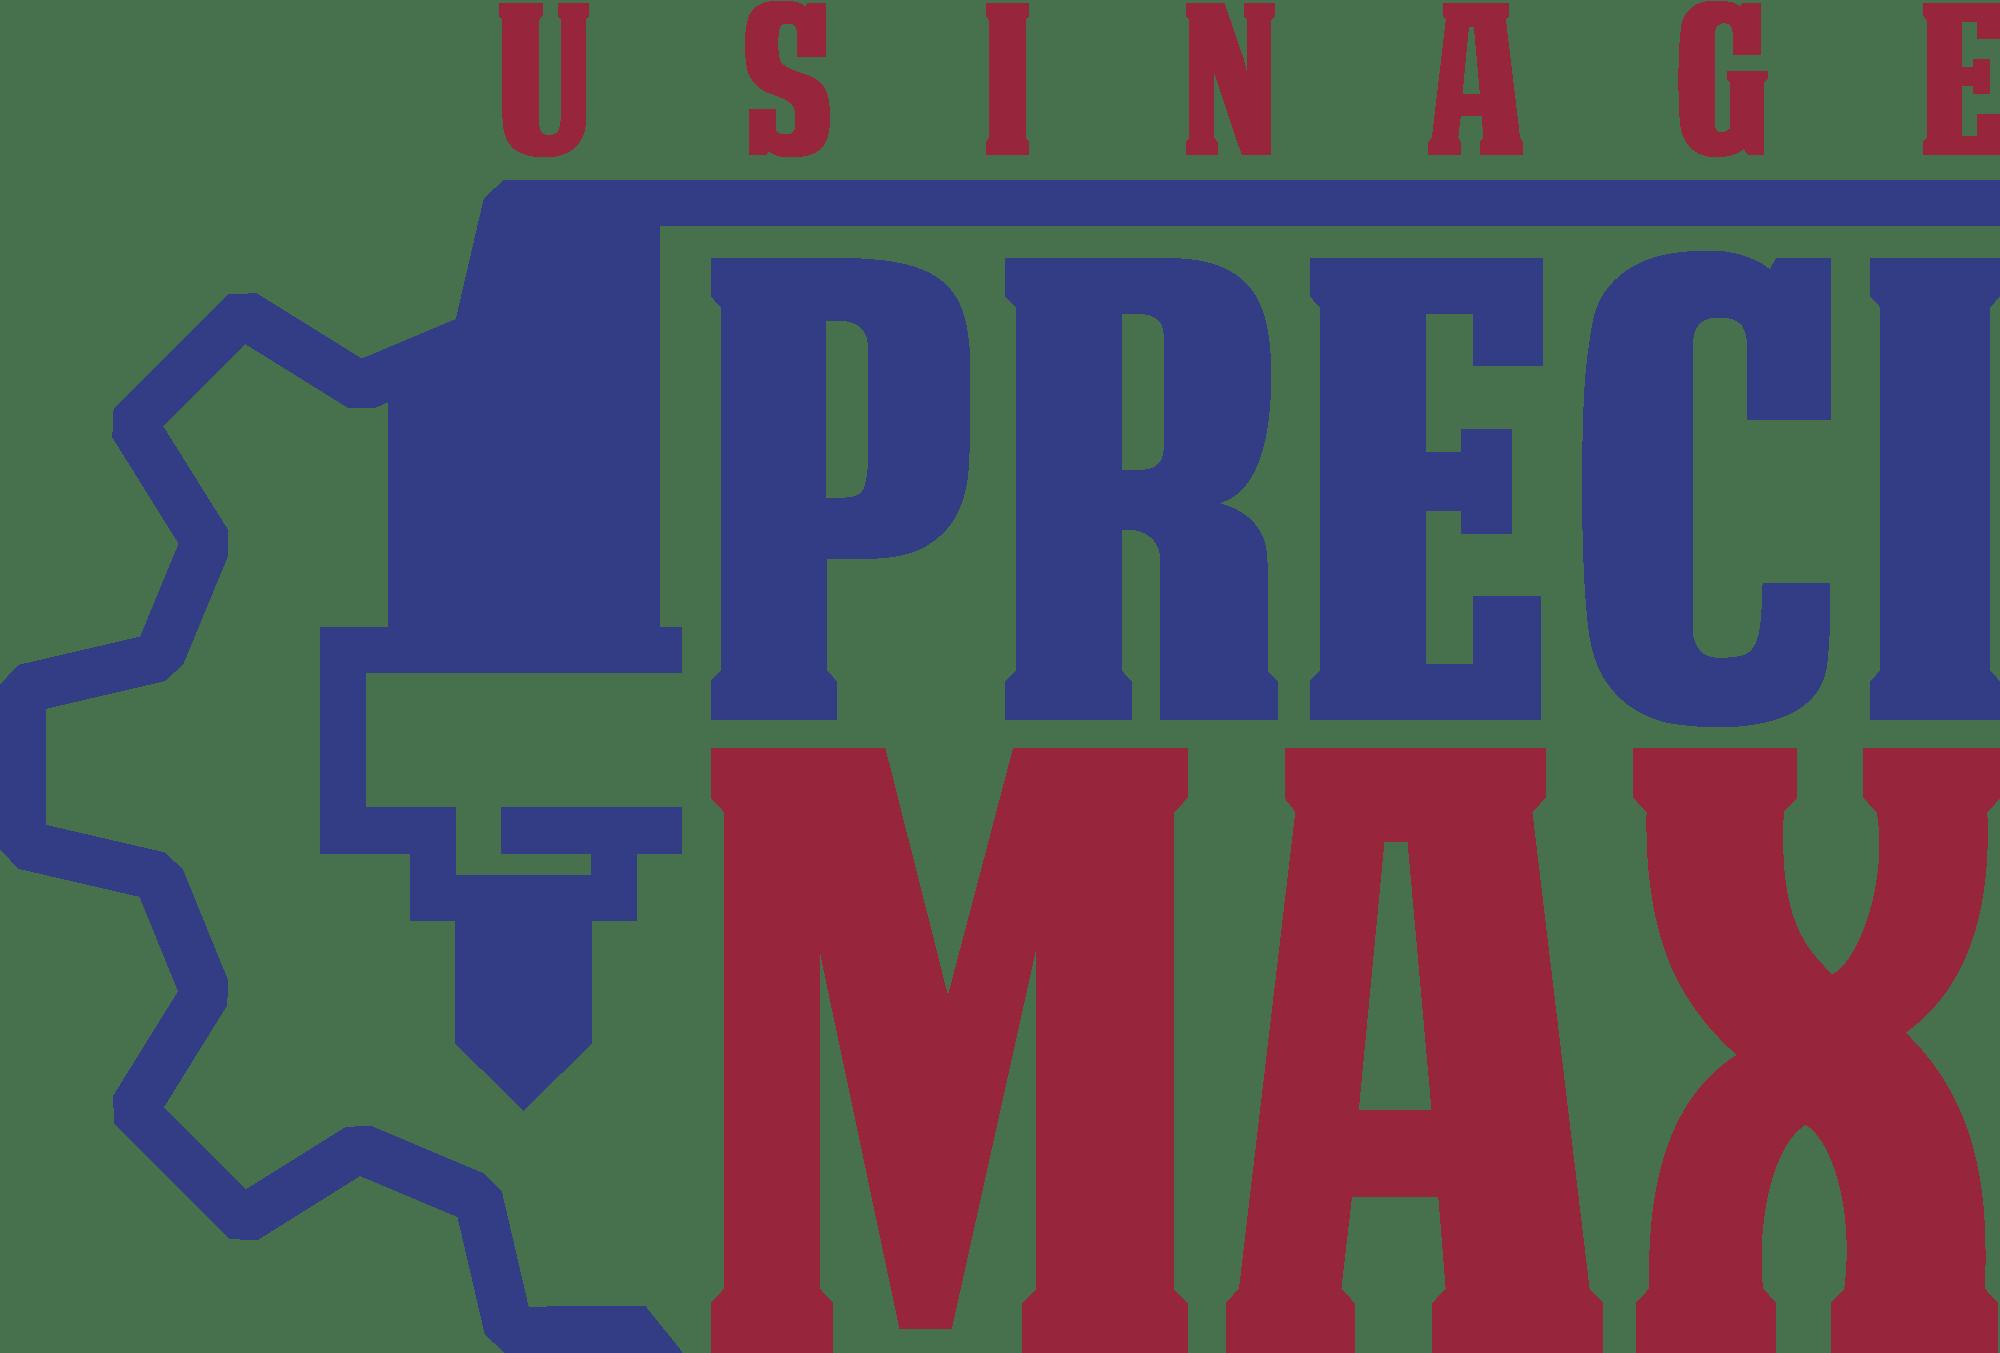 Préci-Max   Usinage CNC & Conventionnel   Livrer. Toujours.